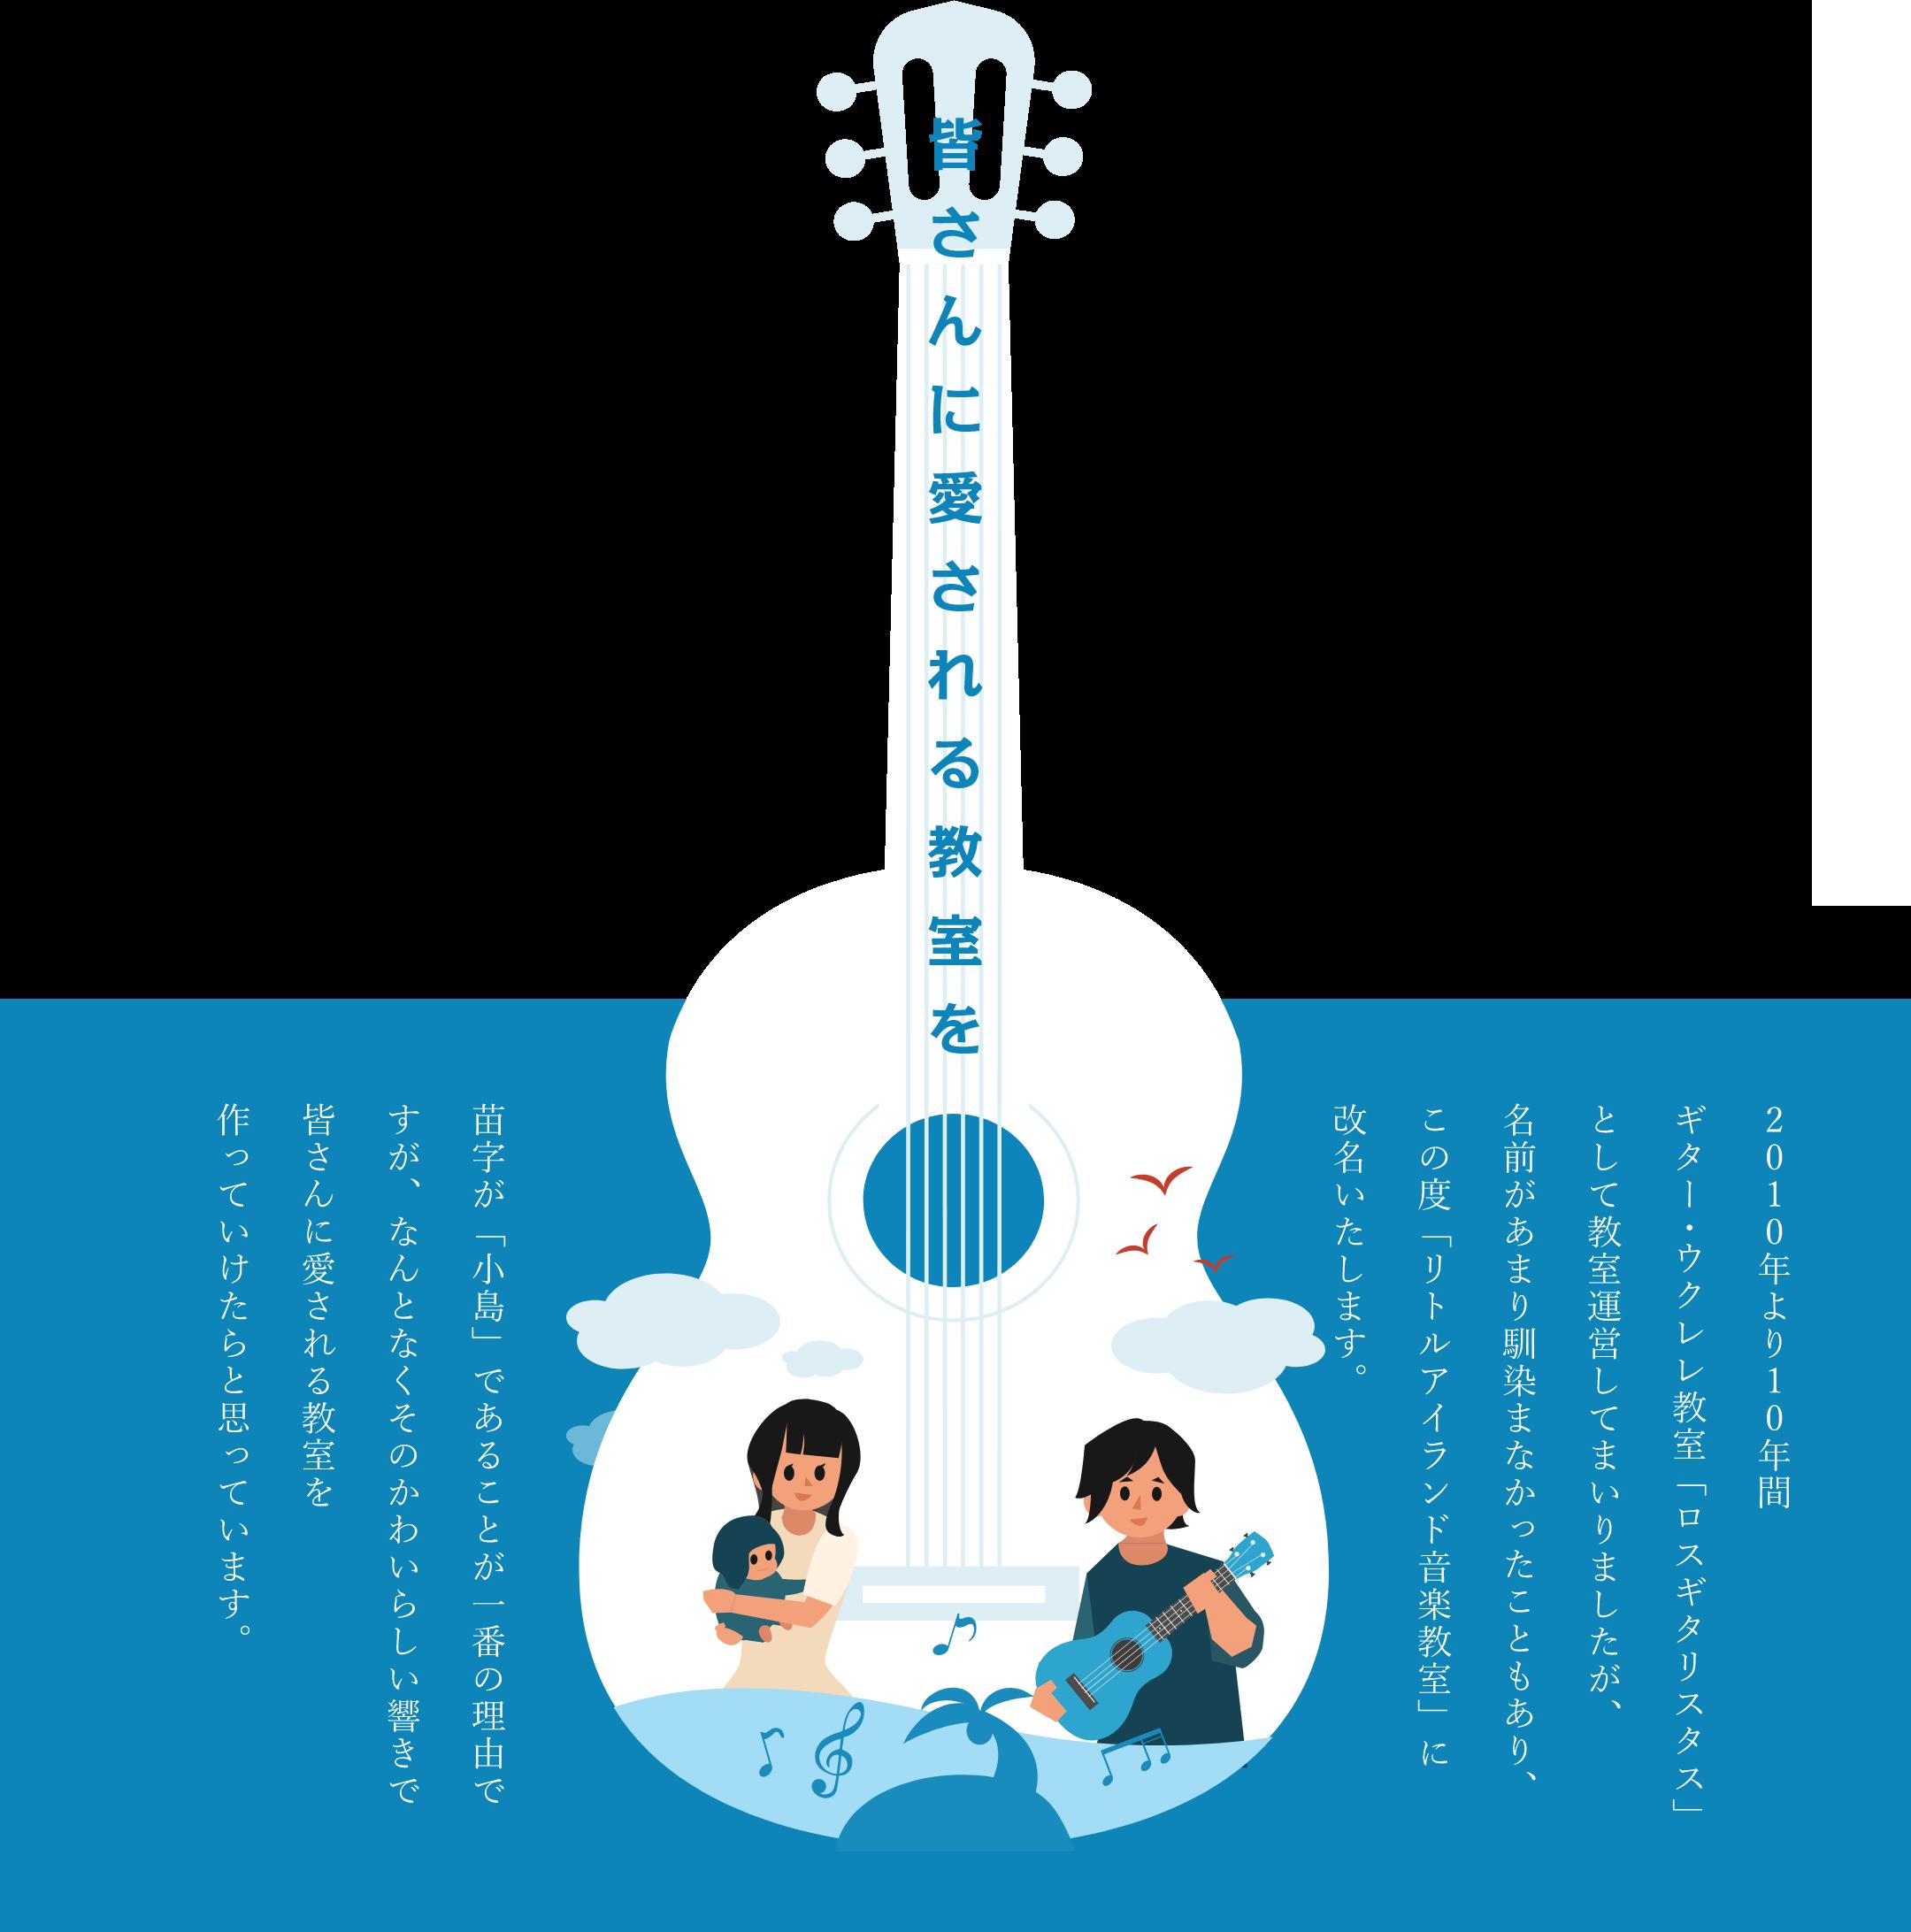 皆さんに愛される教室を 2010年より10年間ギター・ウクレレ教室「ロスギタリスタス」として教室運営してまいりましたが、名前があまり馴染まなかったこともあり、この度「リトルアイランド音楽教室」に改名いたします。苗字が「小島」であることが一番の理由ですが、なんとなくそのかわいらしい響きで皆さんに愛される教室を作っていけたらと思っています。